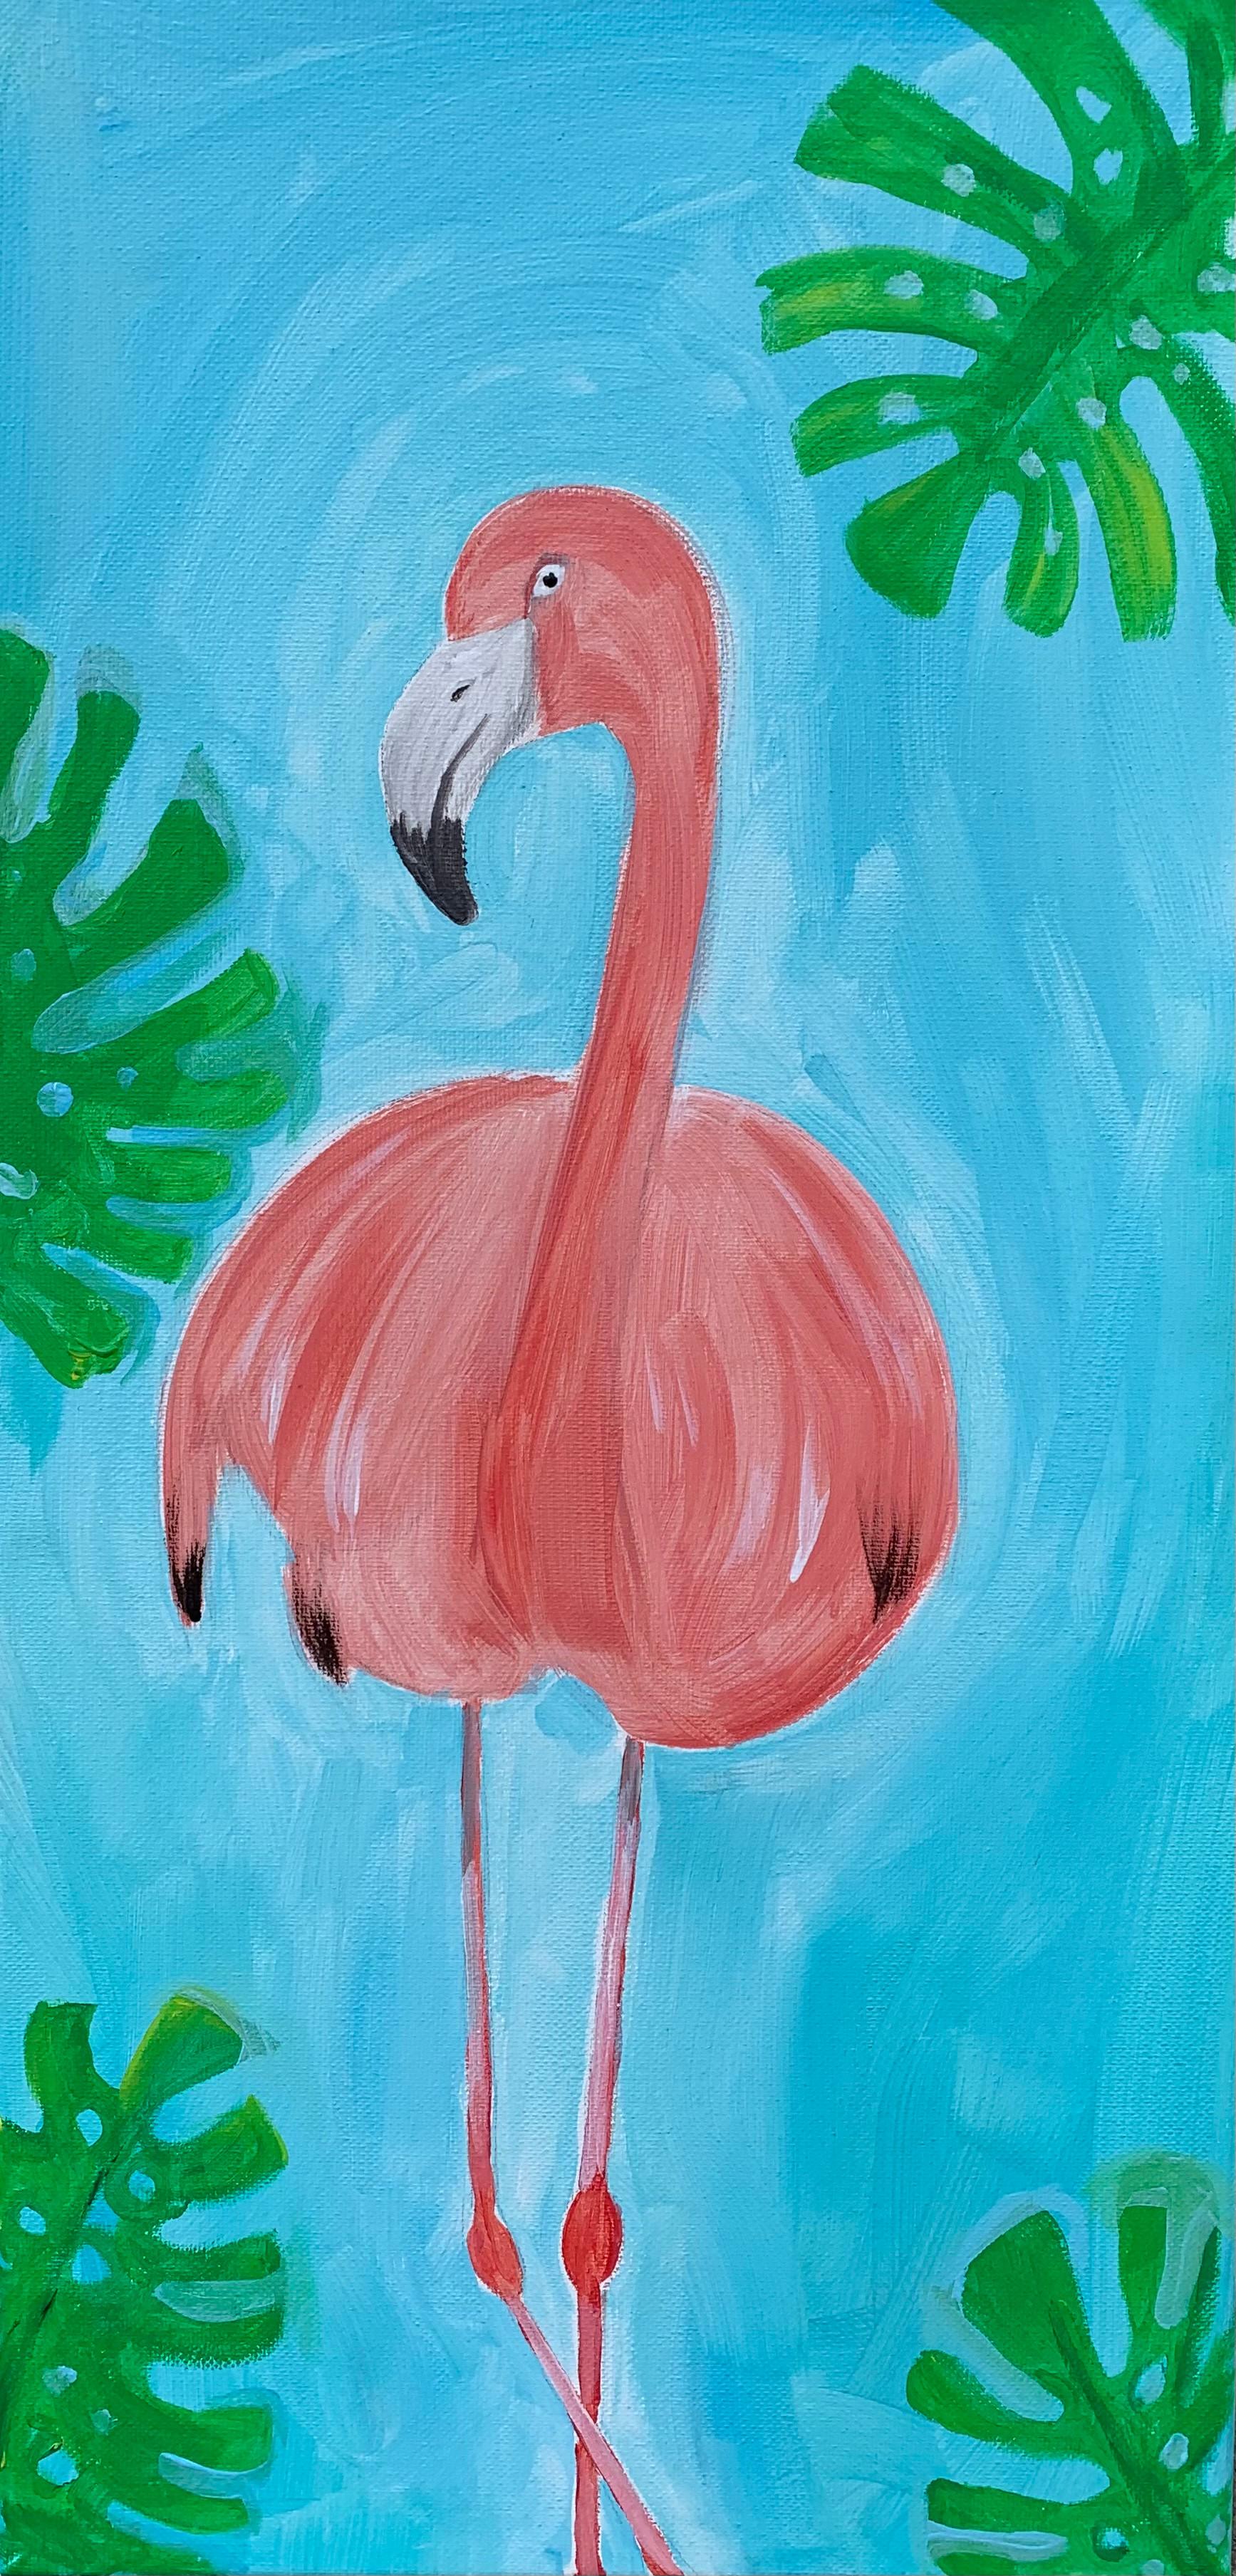 Paint a Flamingo